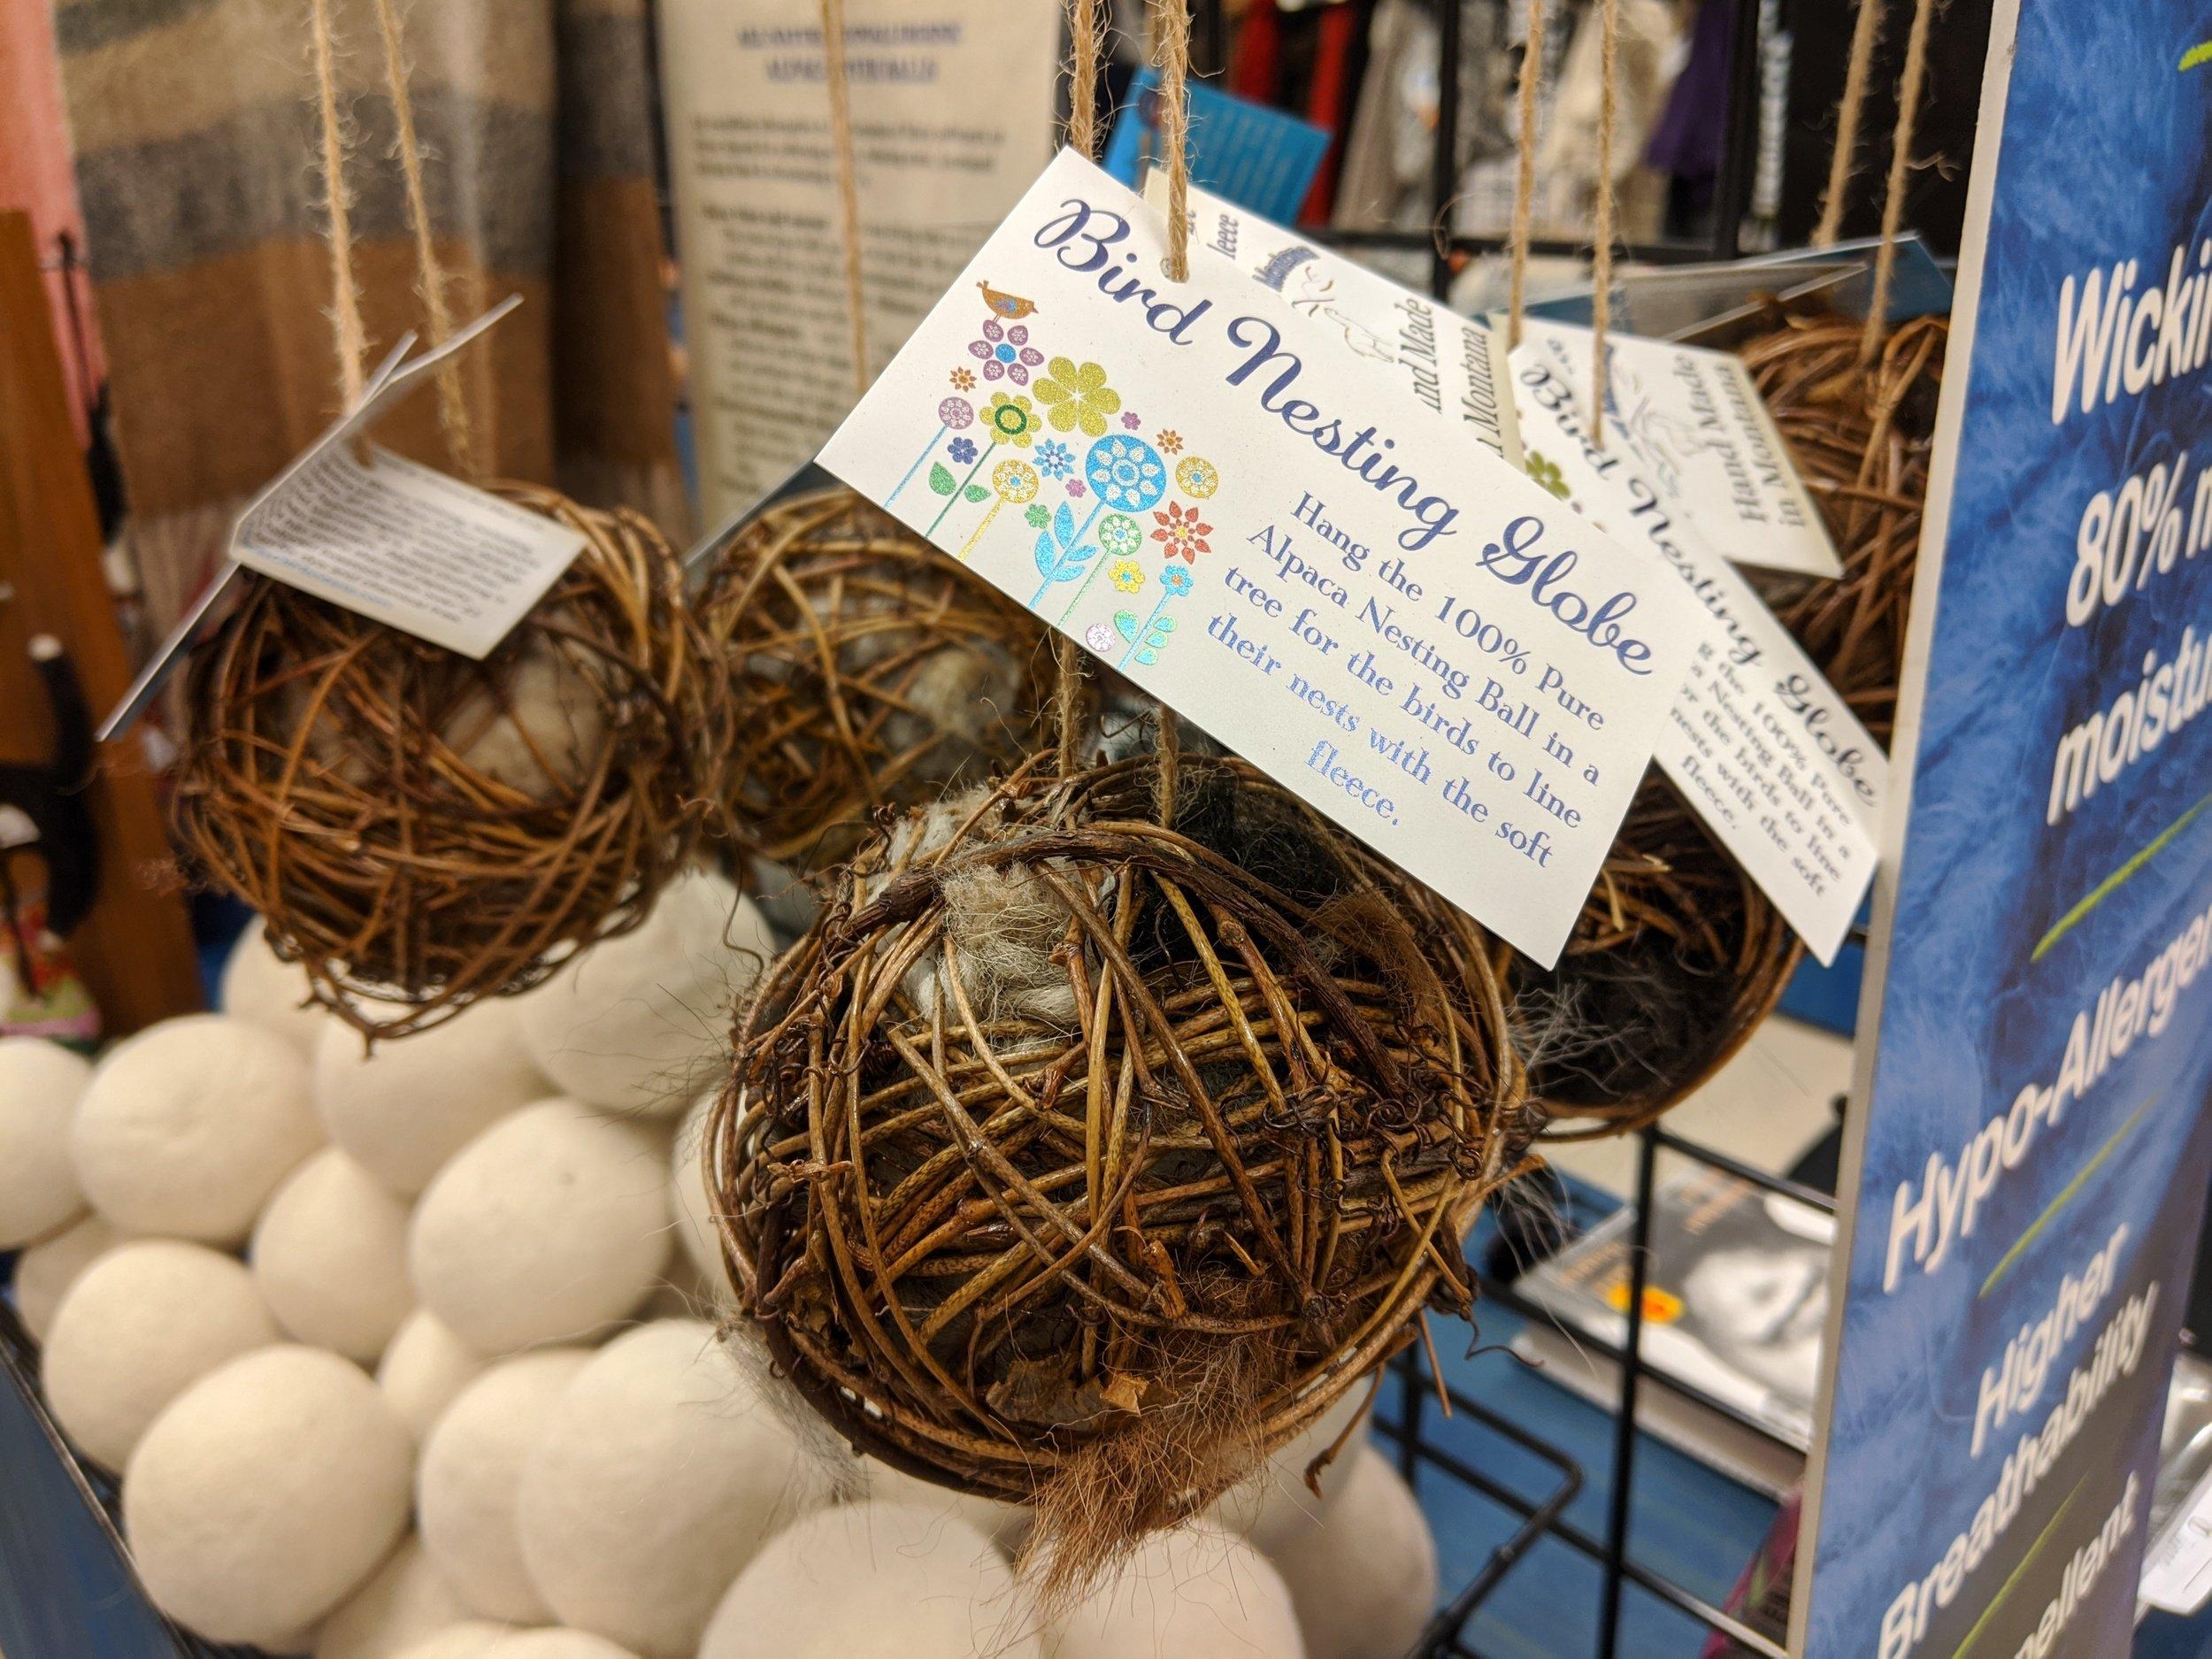 bird nesting owenhouse ace hardware